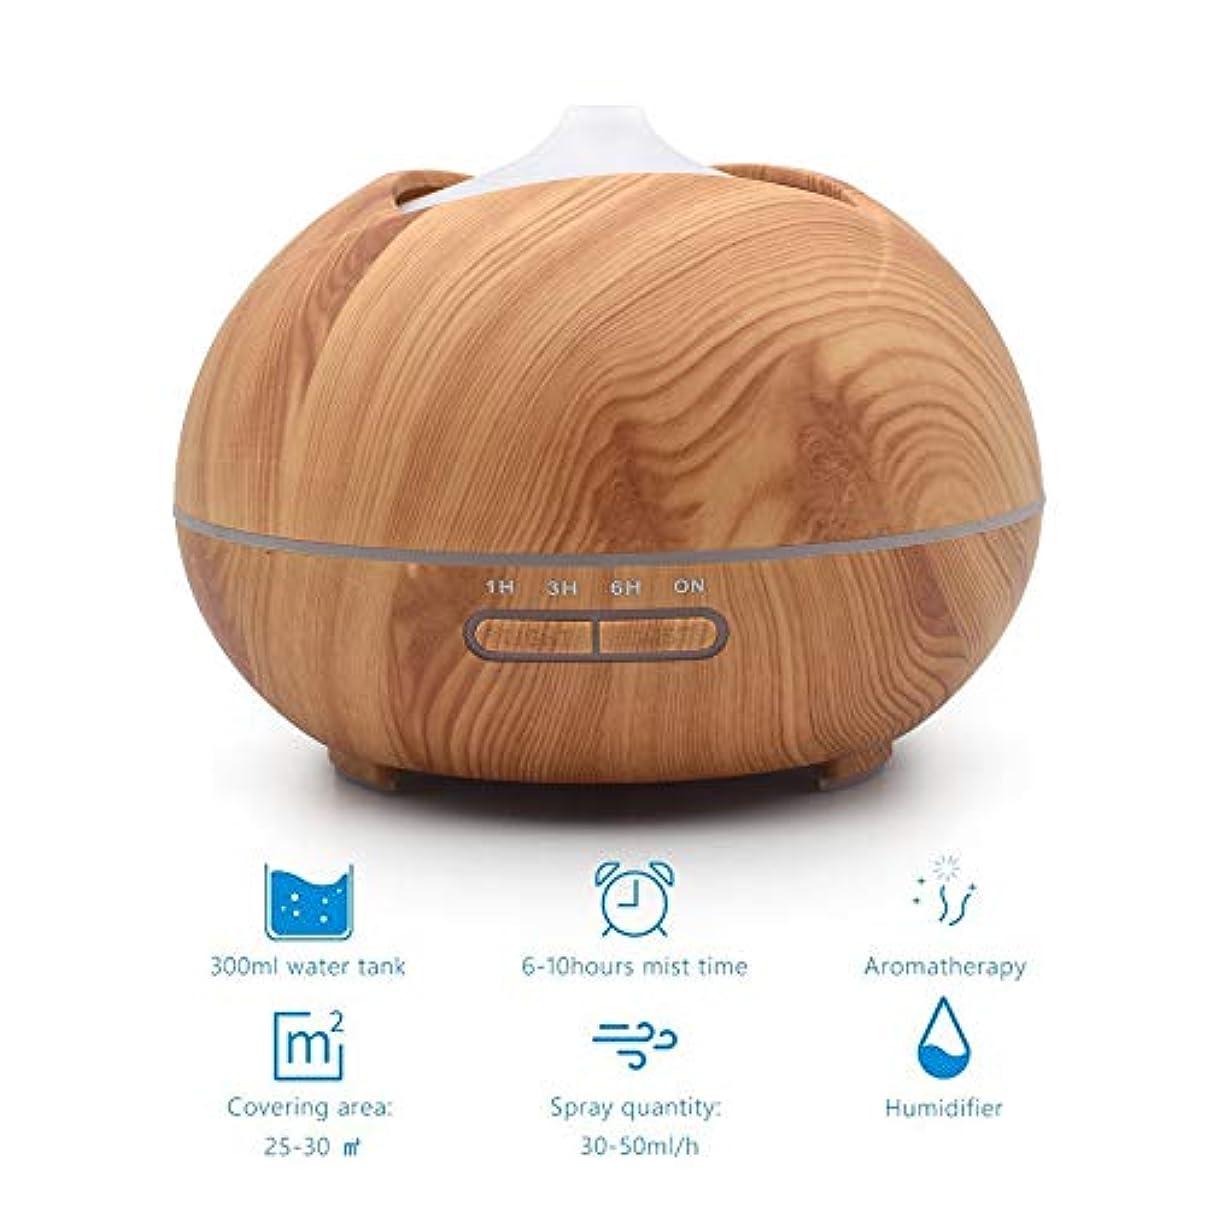 治世省略するリアル木目クールミスト加湿器、500ミリリットルアロマセラピーディフューザー付き2ミストモードささやき静かな加湿器用寝室、ホーム、オフィス,lightwoodgrain